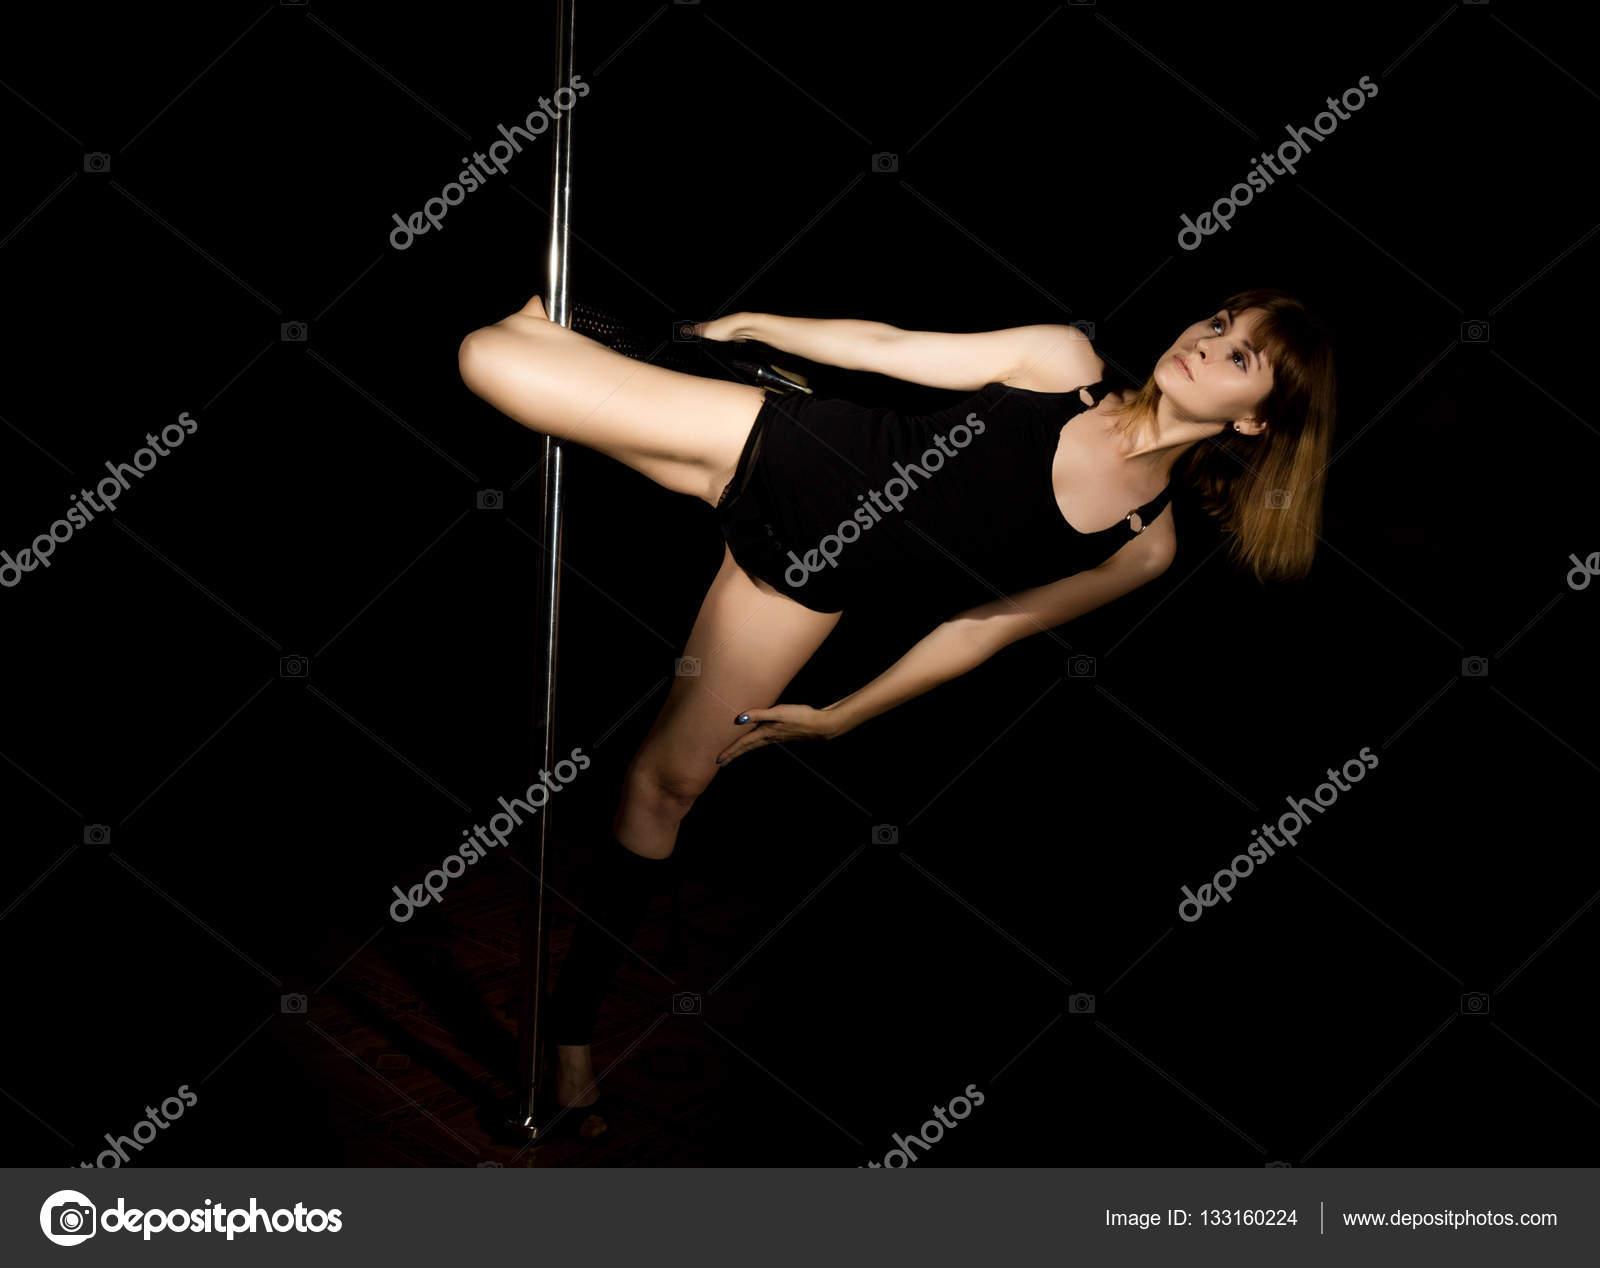 Танцовщицы сексуальных танцев